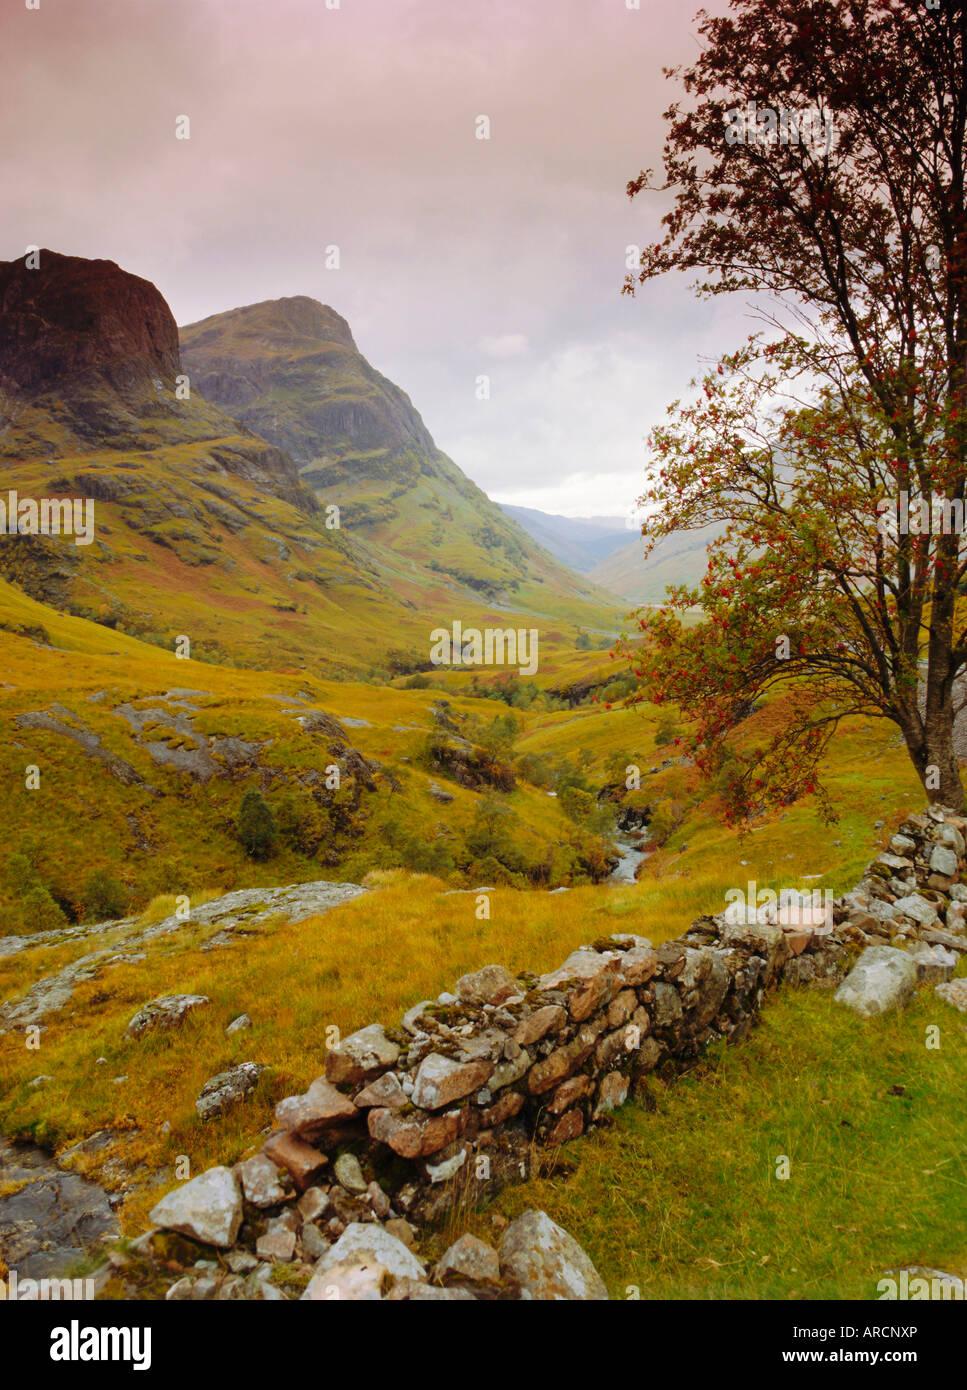 Glen Coe (Glencoe), Highlands Region, Scotland, UK, Europe - Stock Image